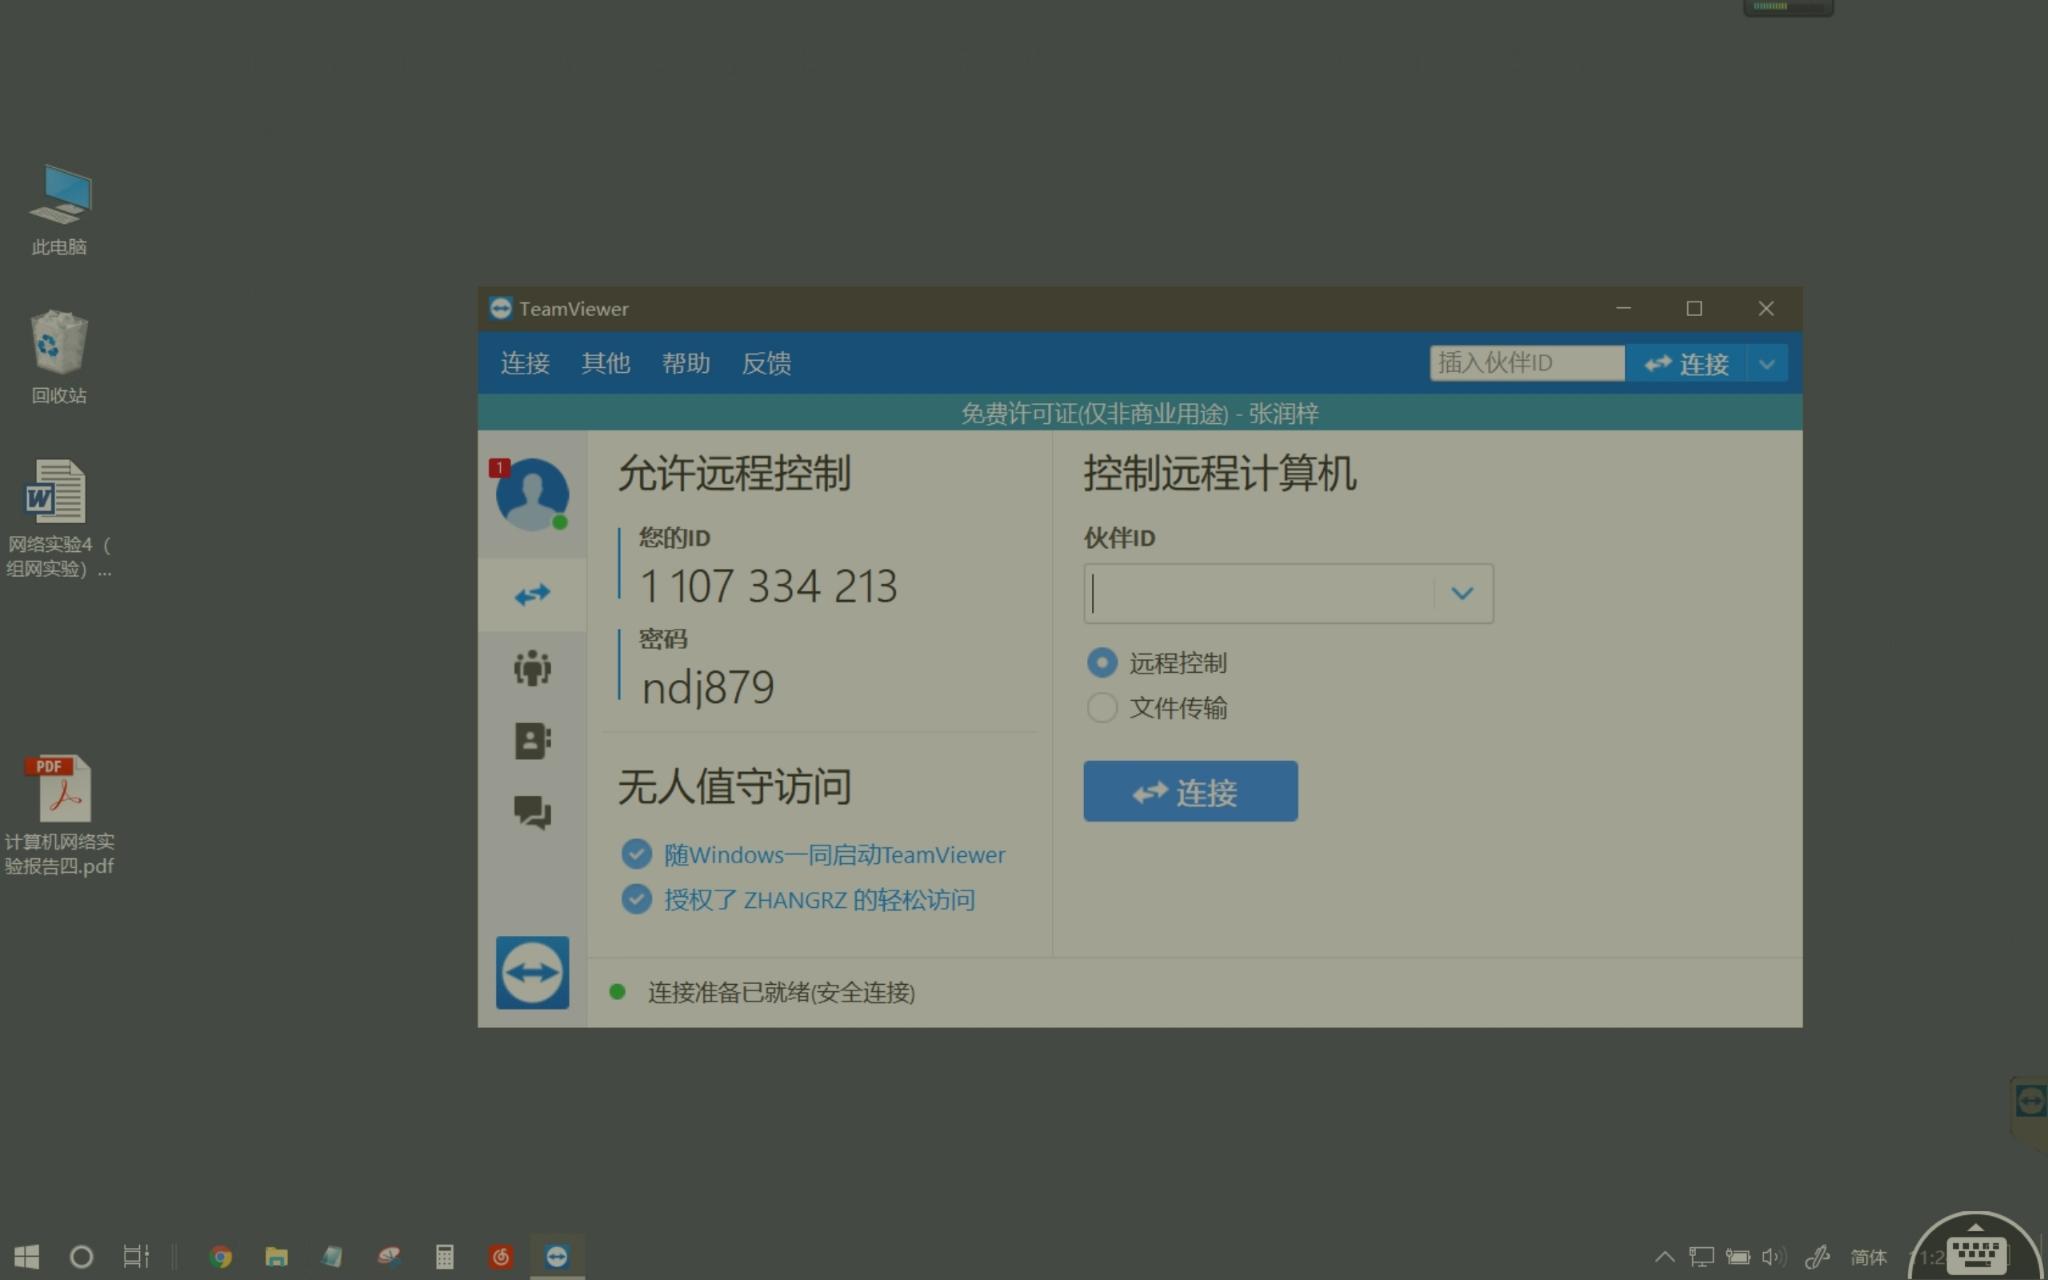 %2Fstorage%2F3639-6230%2FPictures%2FScreenshots%2FScreenshot_20181221-112445.jpg